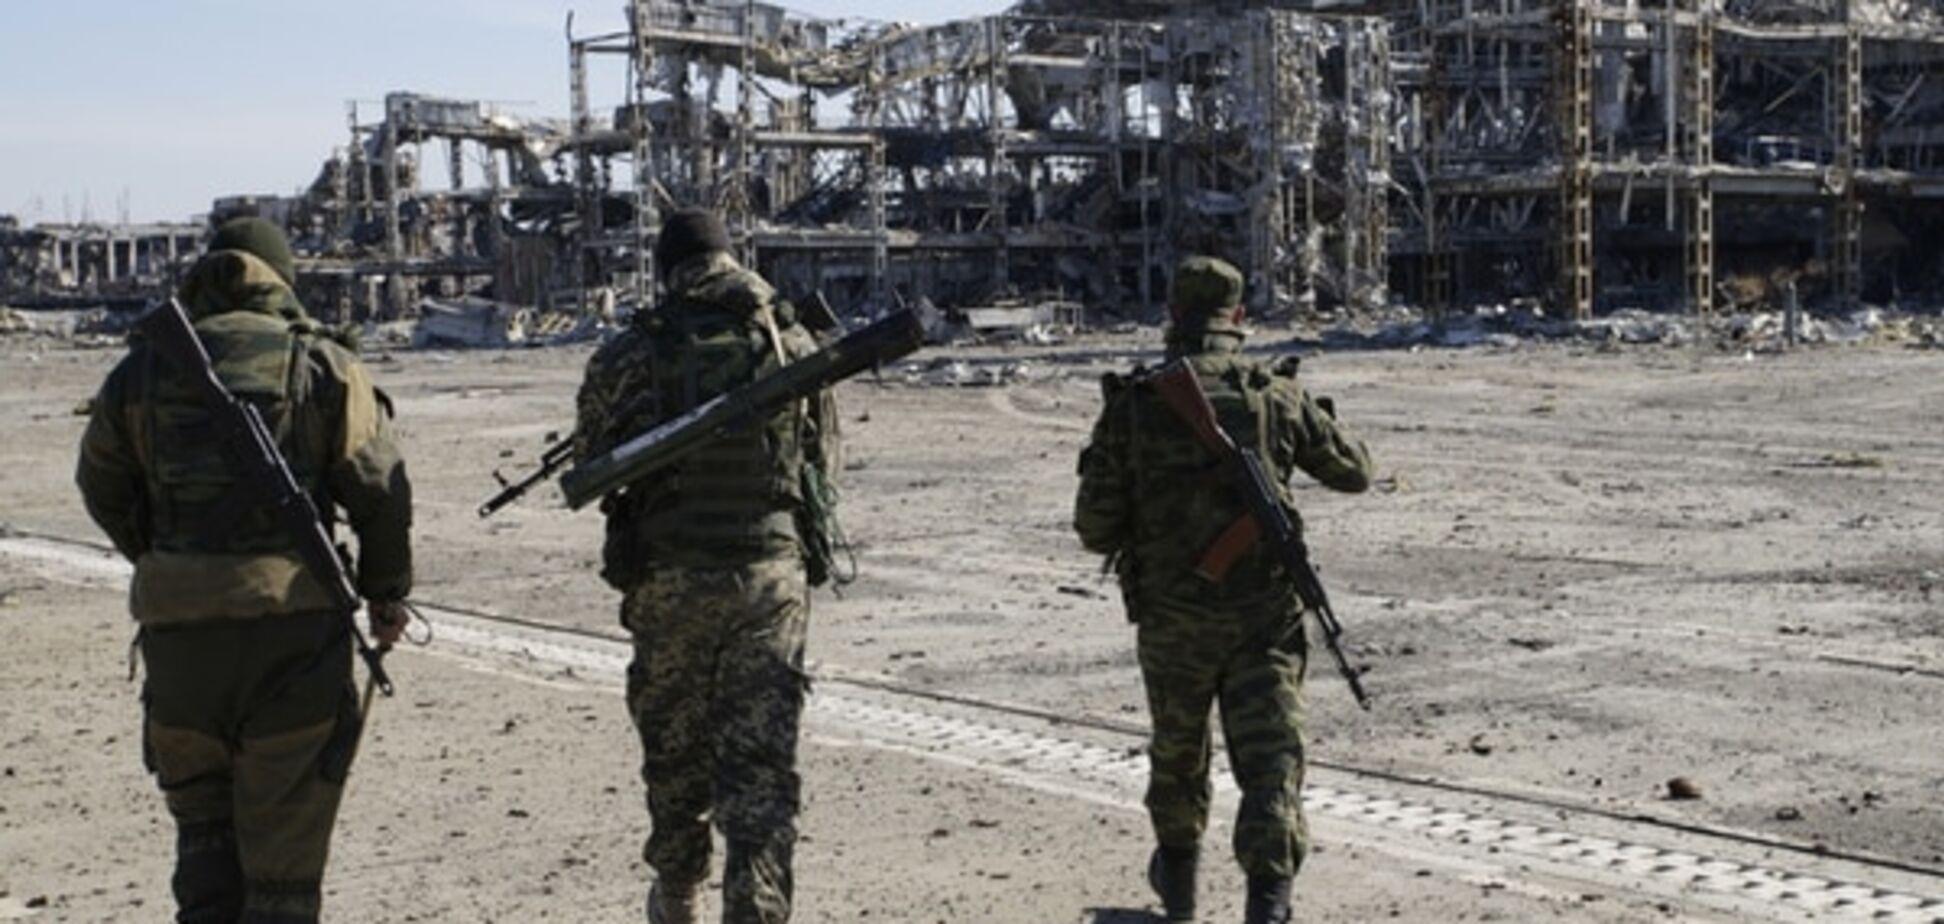 У штабі АТО розповіли про масову втечу терористів з Донбасу до Росії